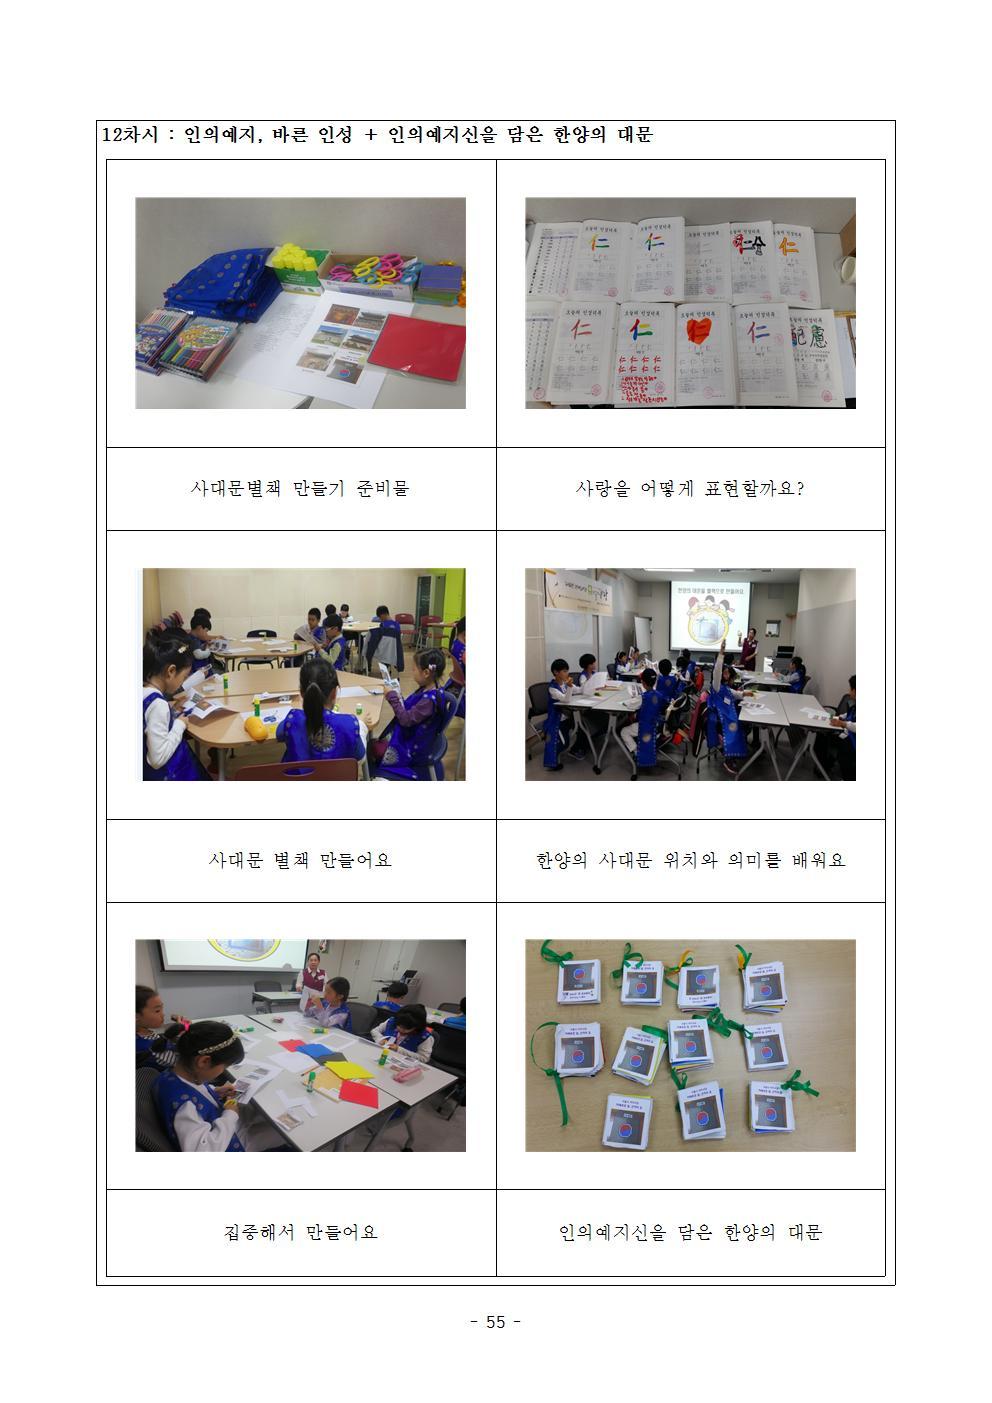 [인증]인성교육프로그램 인중 신청-까치서당(까치서당에서 군자되다)한국지역사회교육협의회 추가서류수정055.jpg